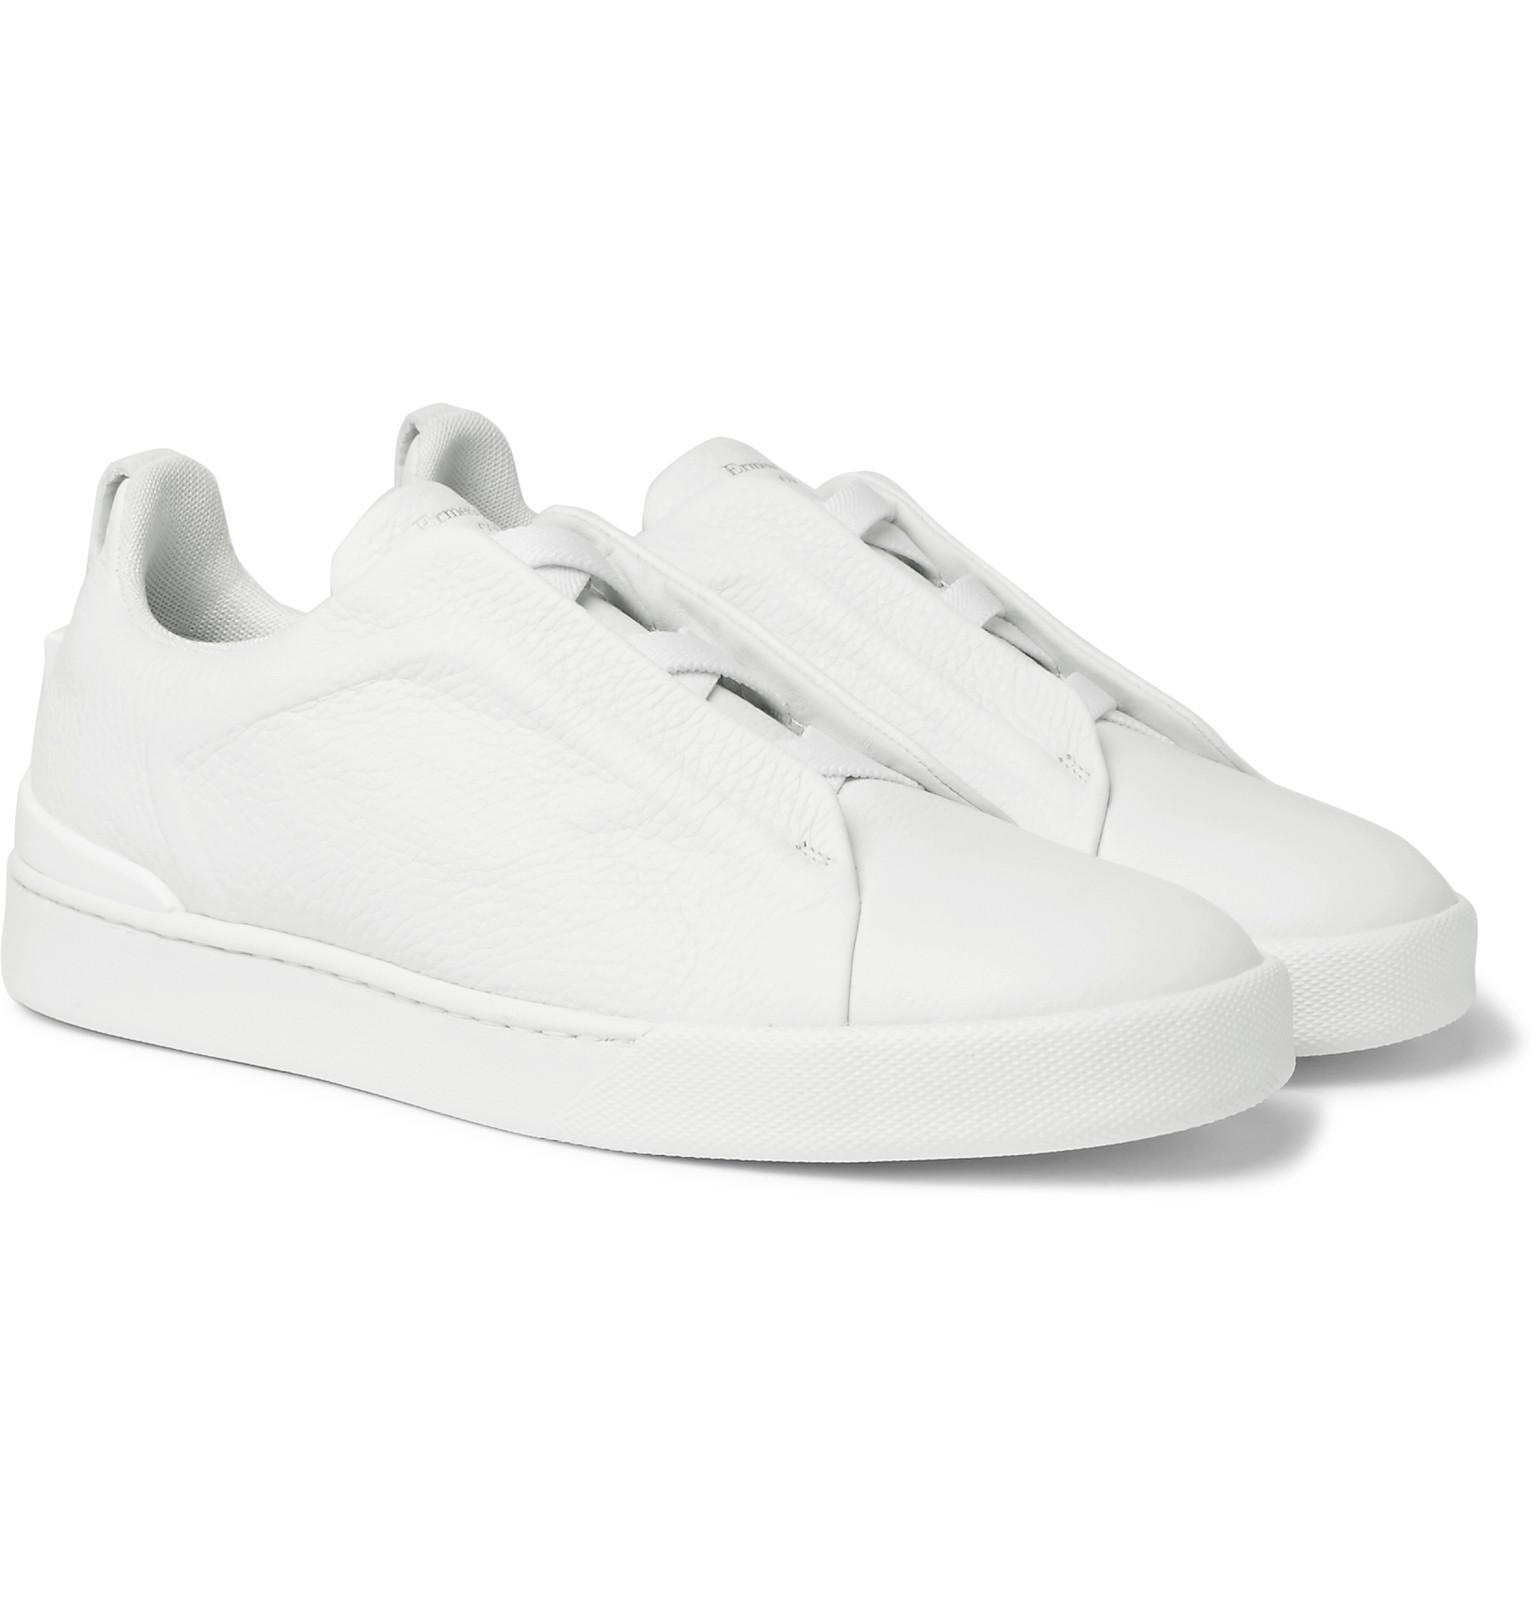 bf839ecd Ermenegildo Zegna White Triple Stitch Full-grain Leather Slip-on Sneakers  for men